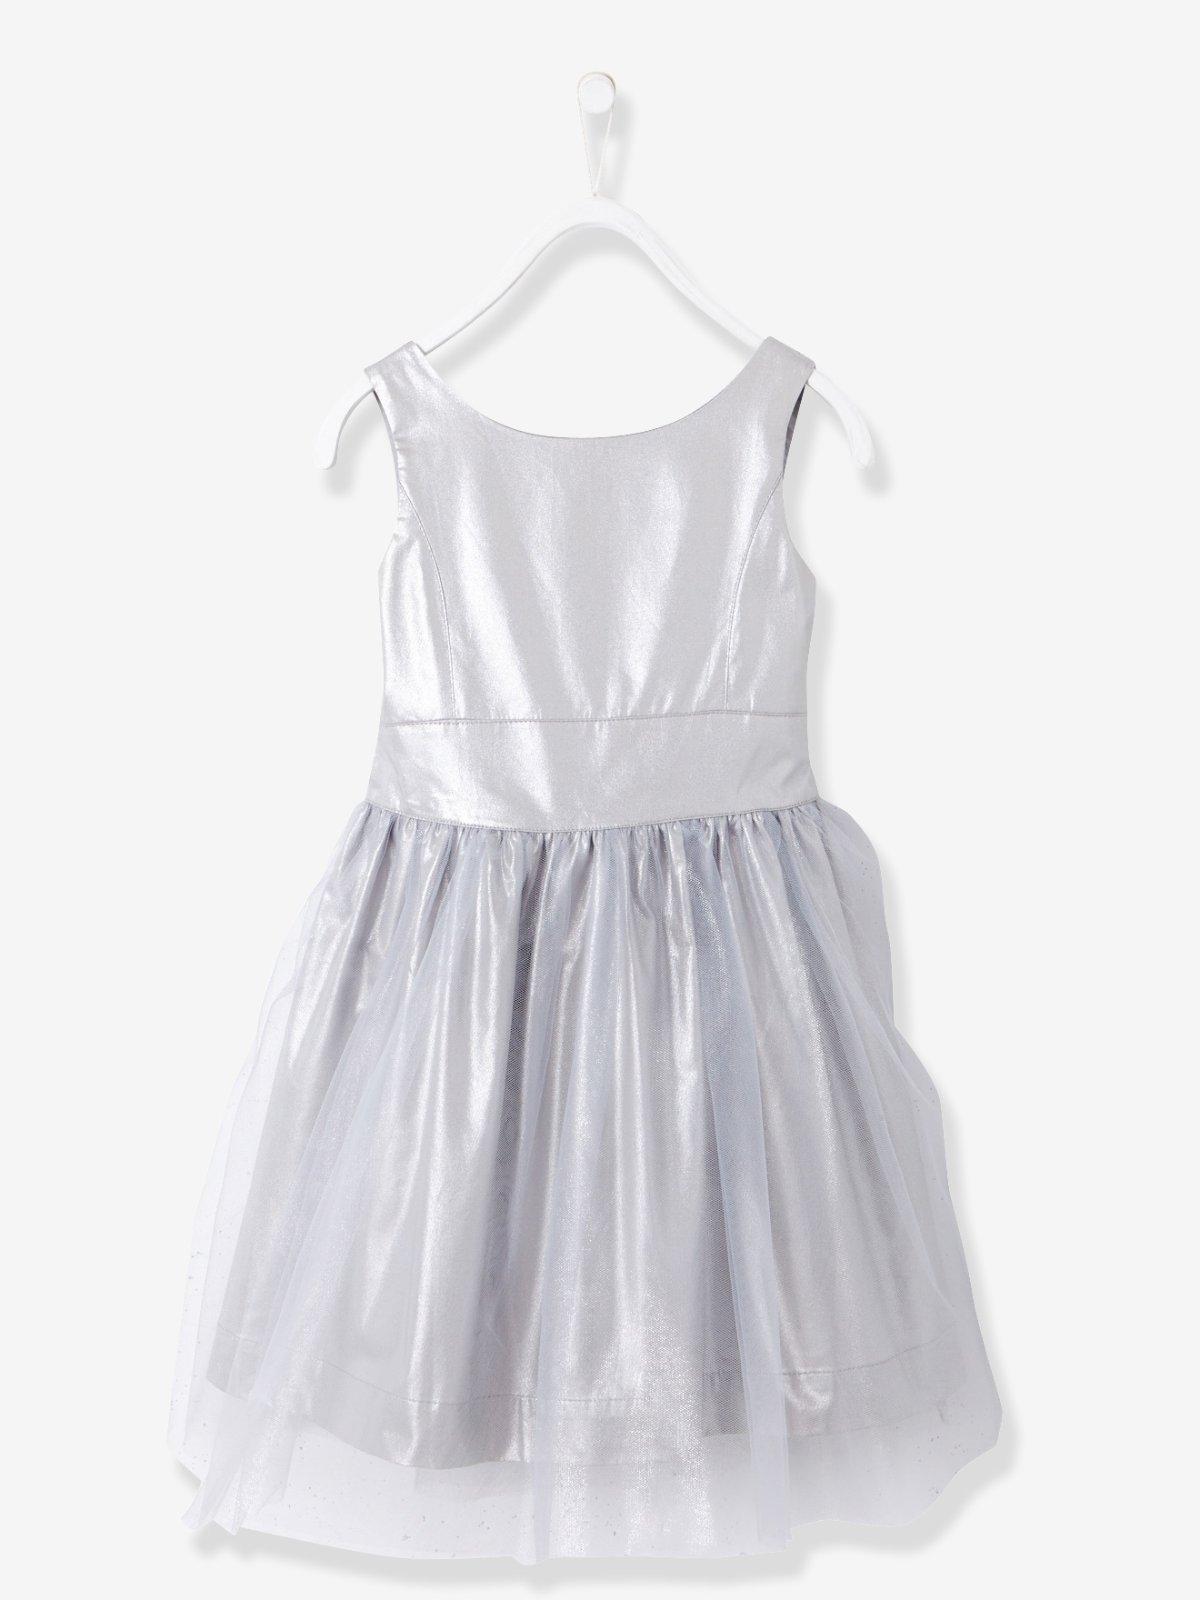 Nové slavnostní šaty Verbaudet - Obrázek č. 1